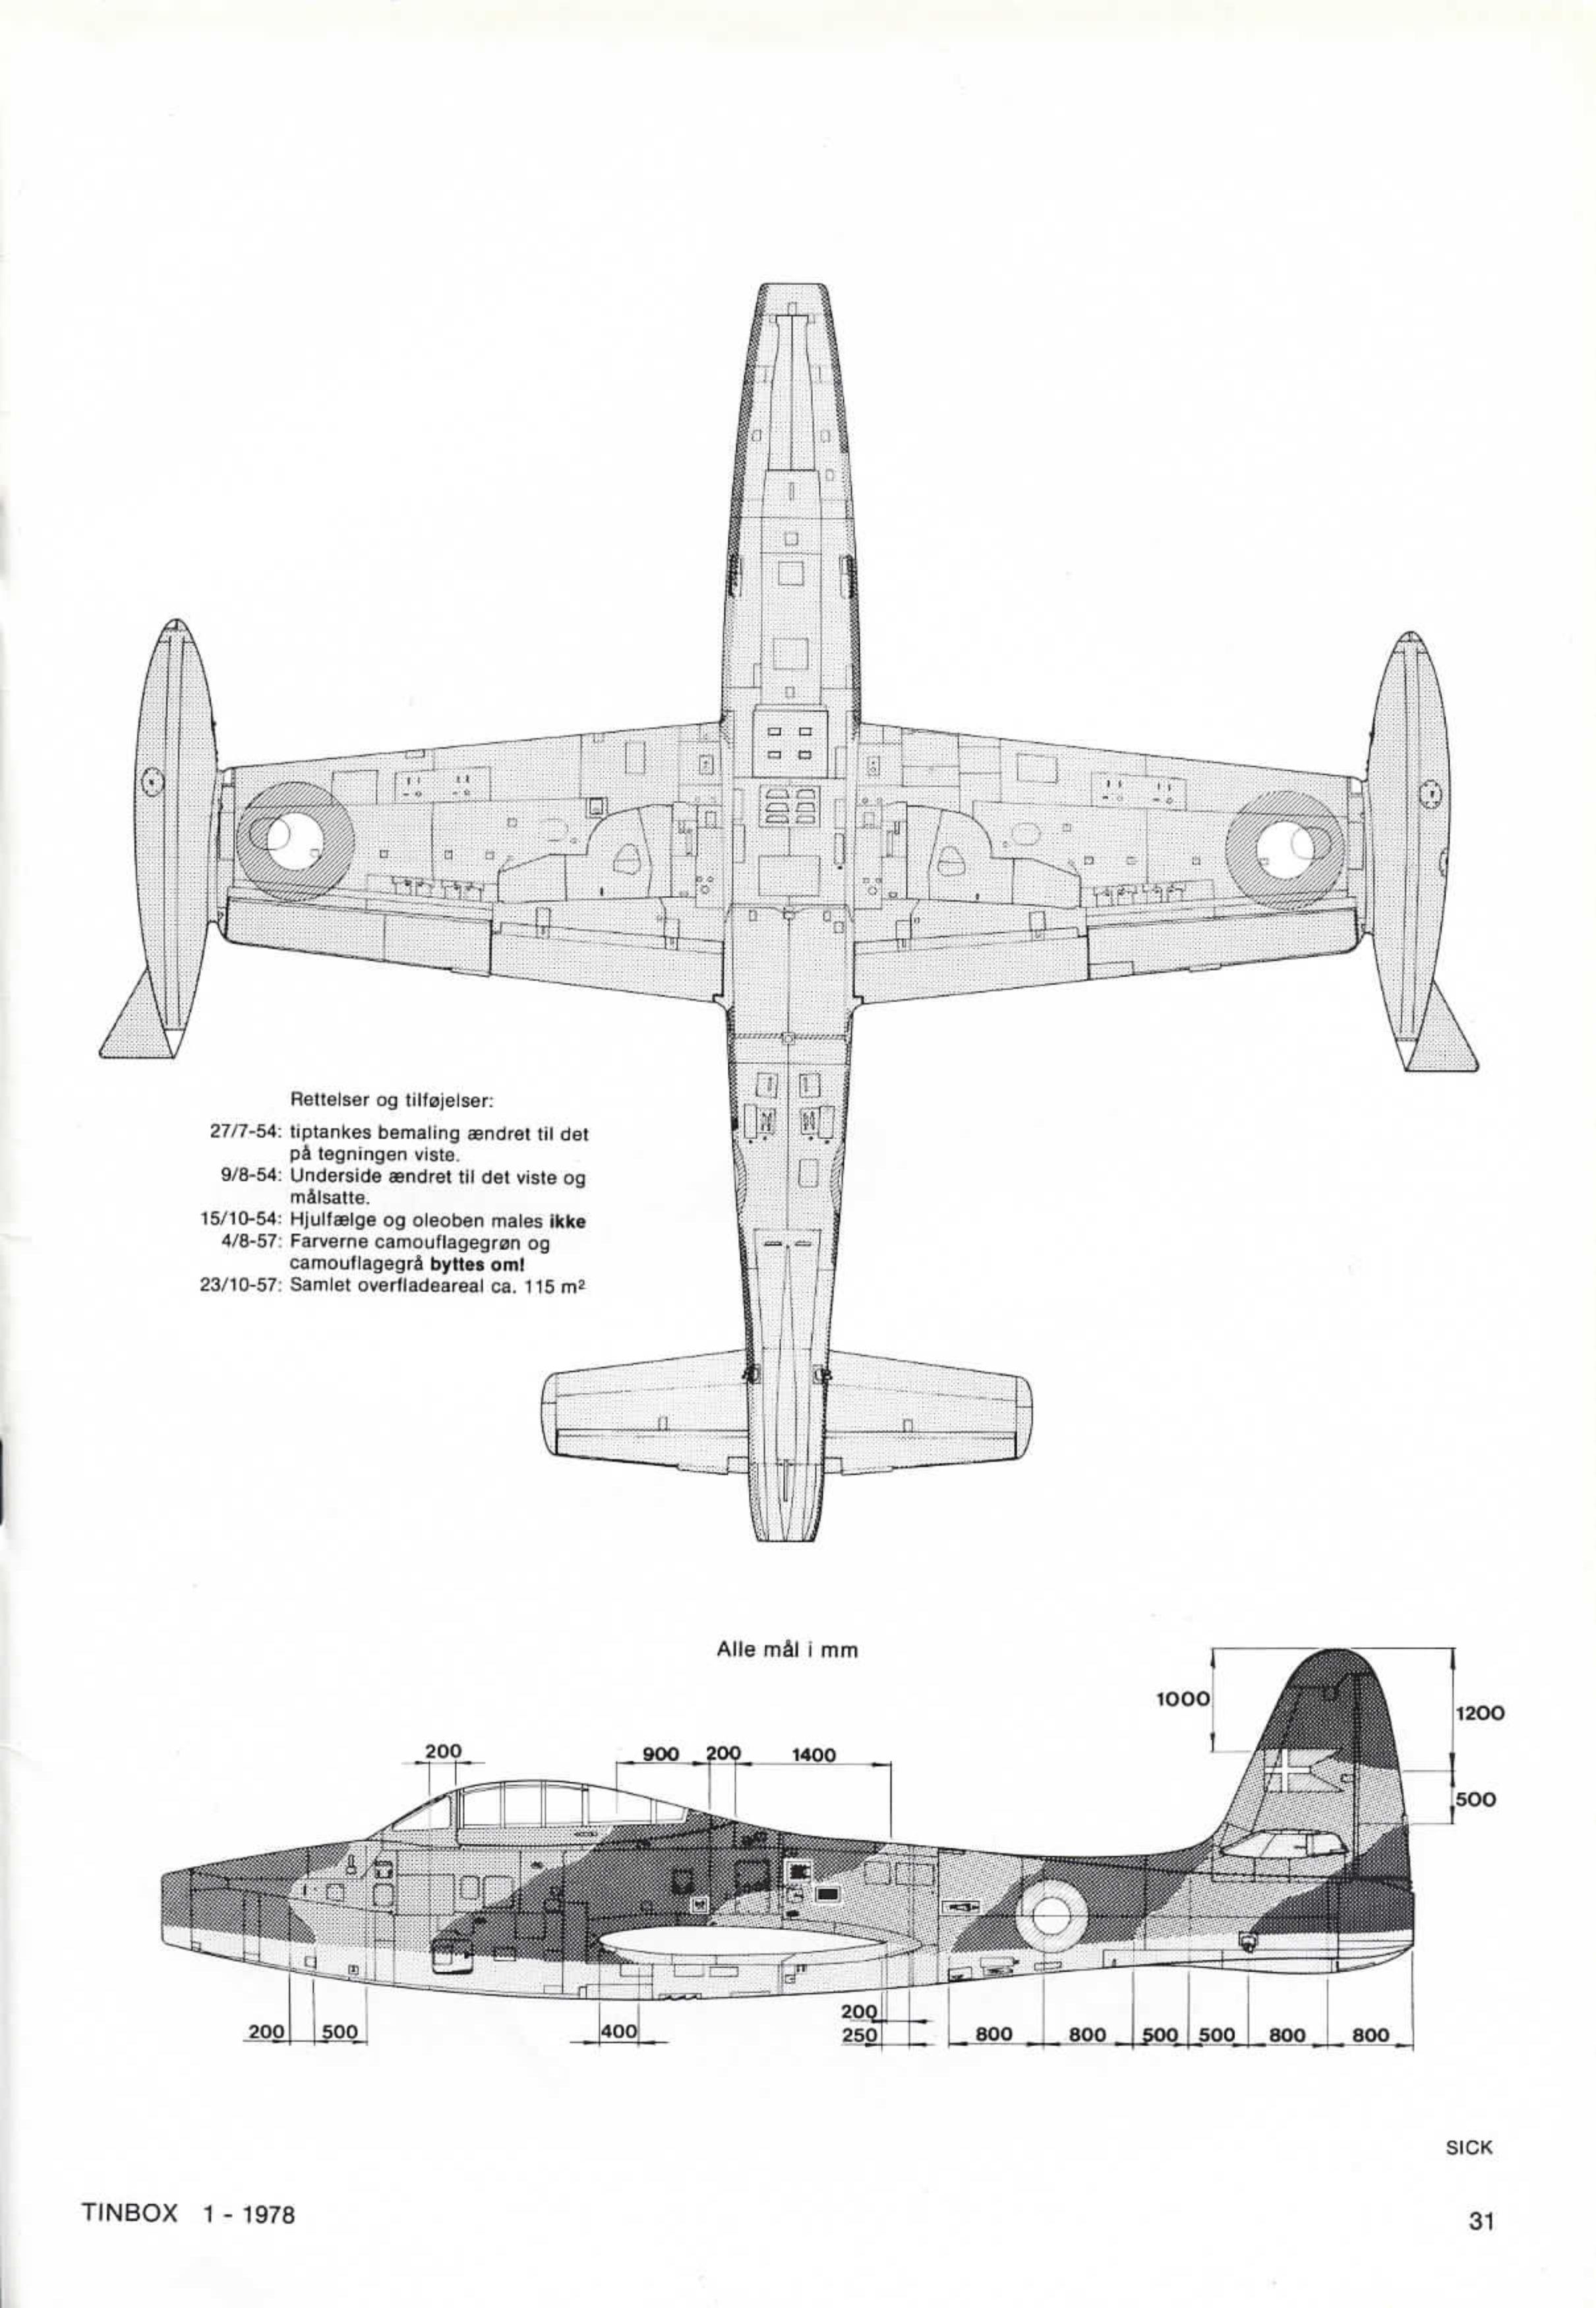 Pin By Joe Shepherd Ii On Aviation Art Profiles